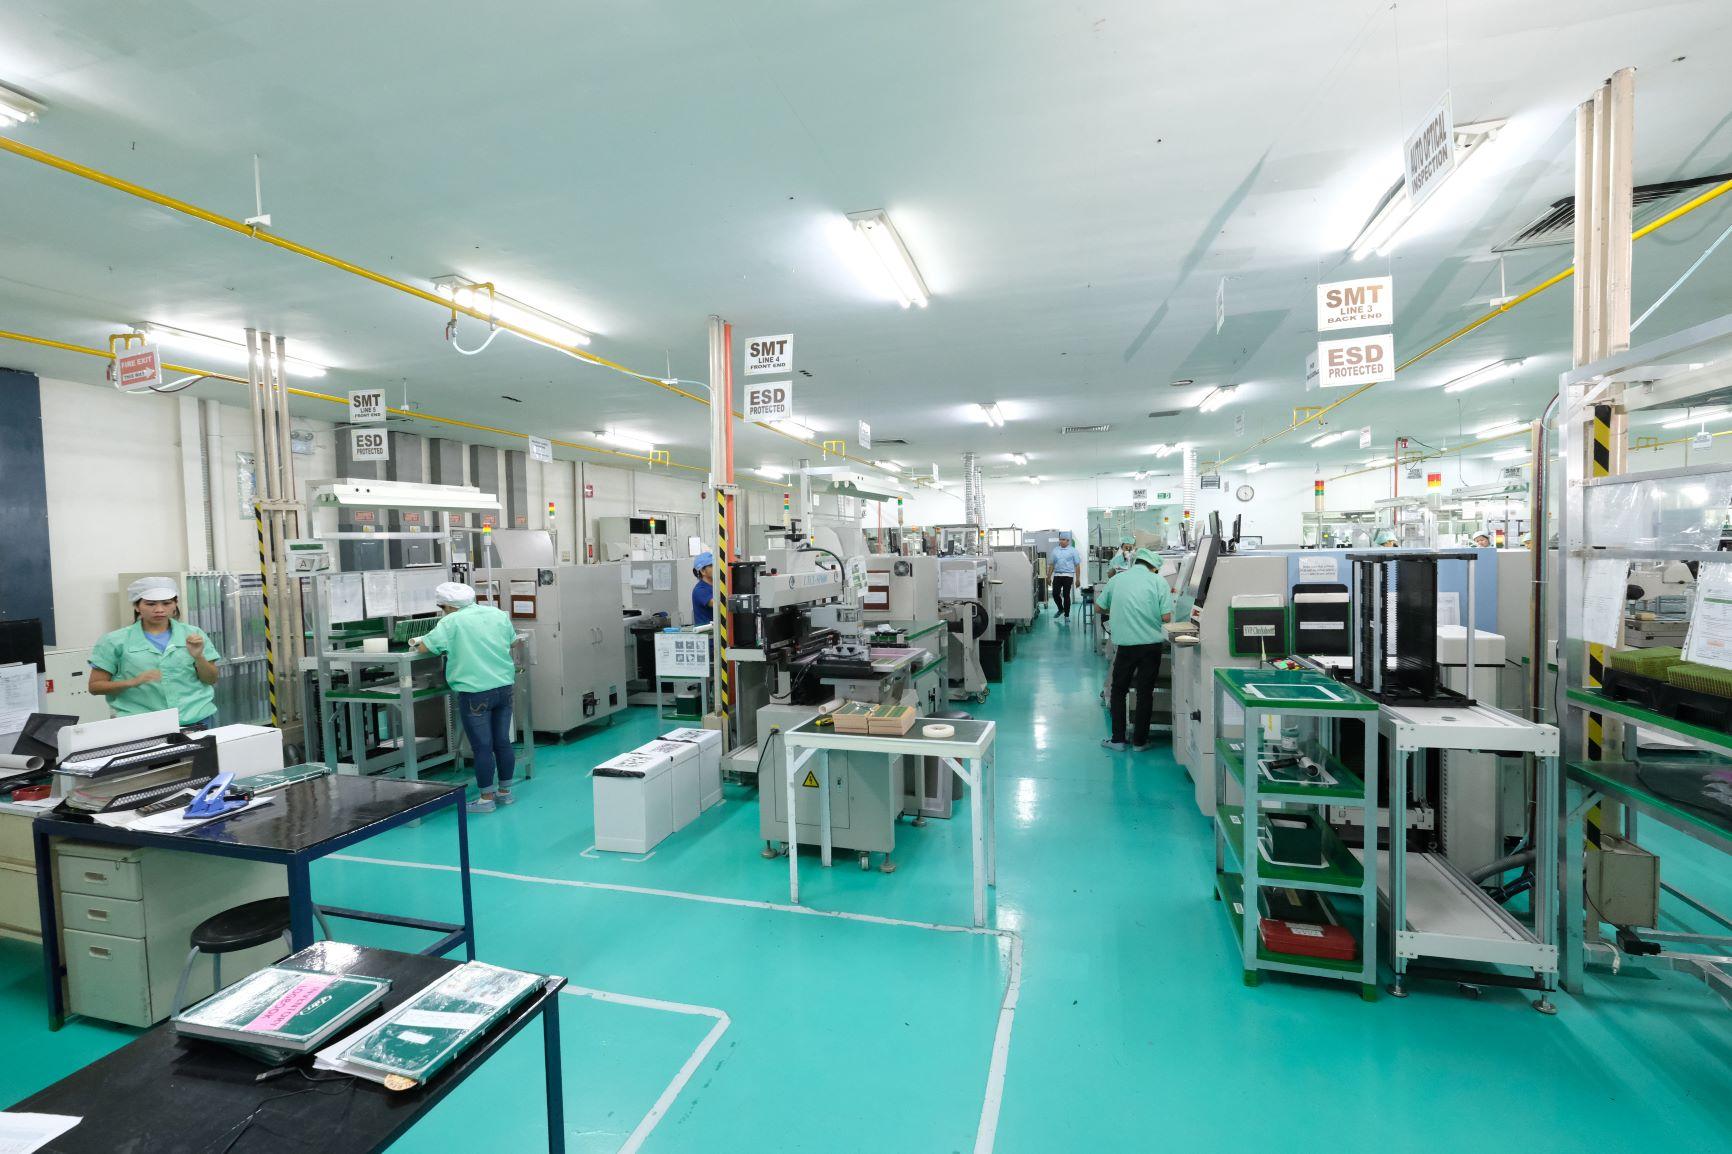 ユメックスフィリピン第二工場